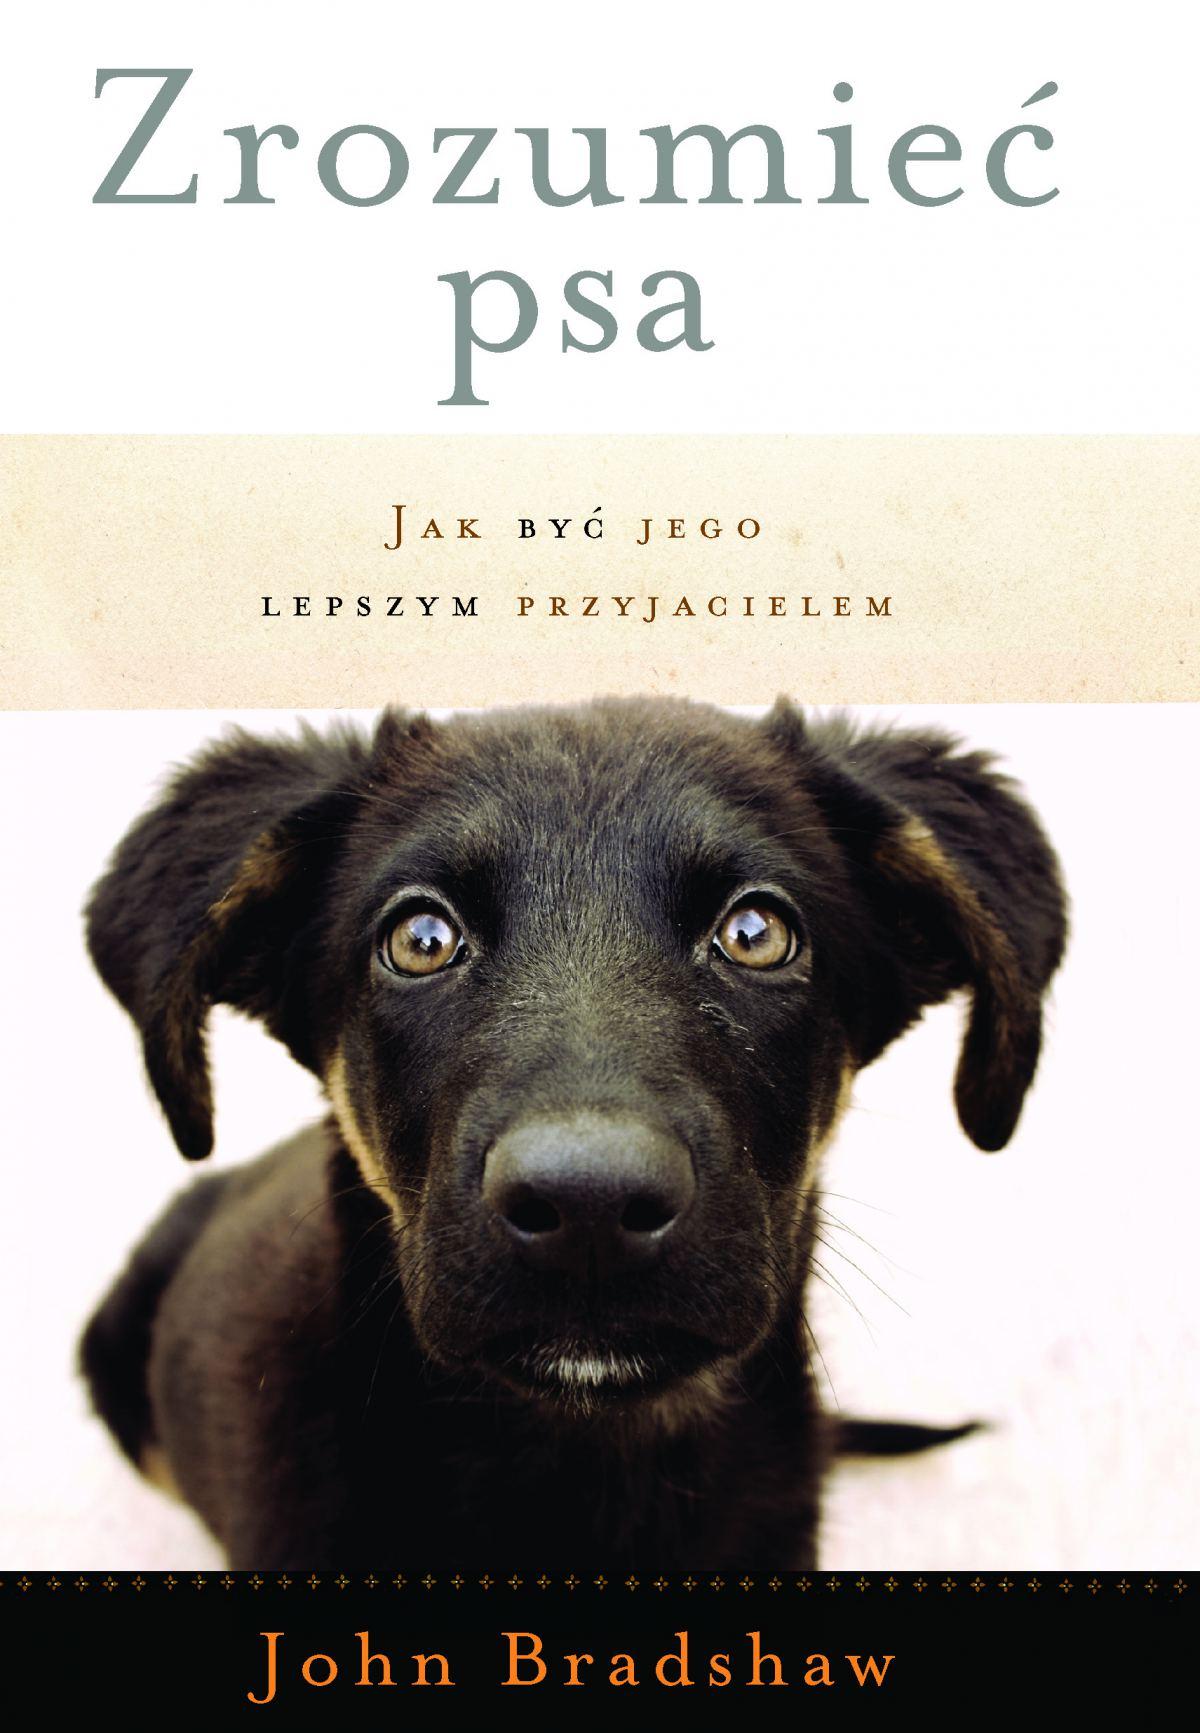 Zrozumieć psa - Ebook (Książka EPUB) do pobrania w formacie EPUB